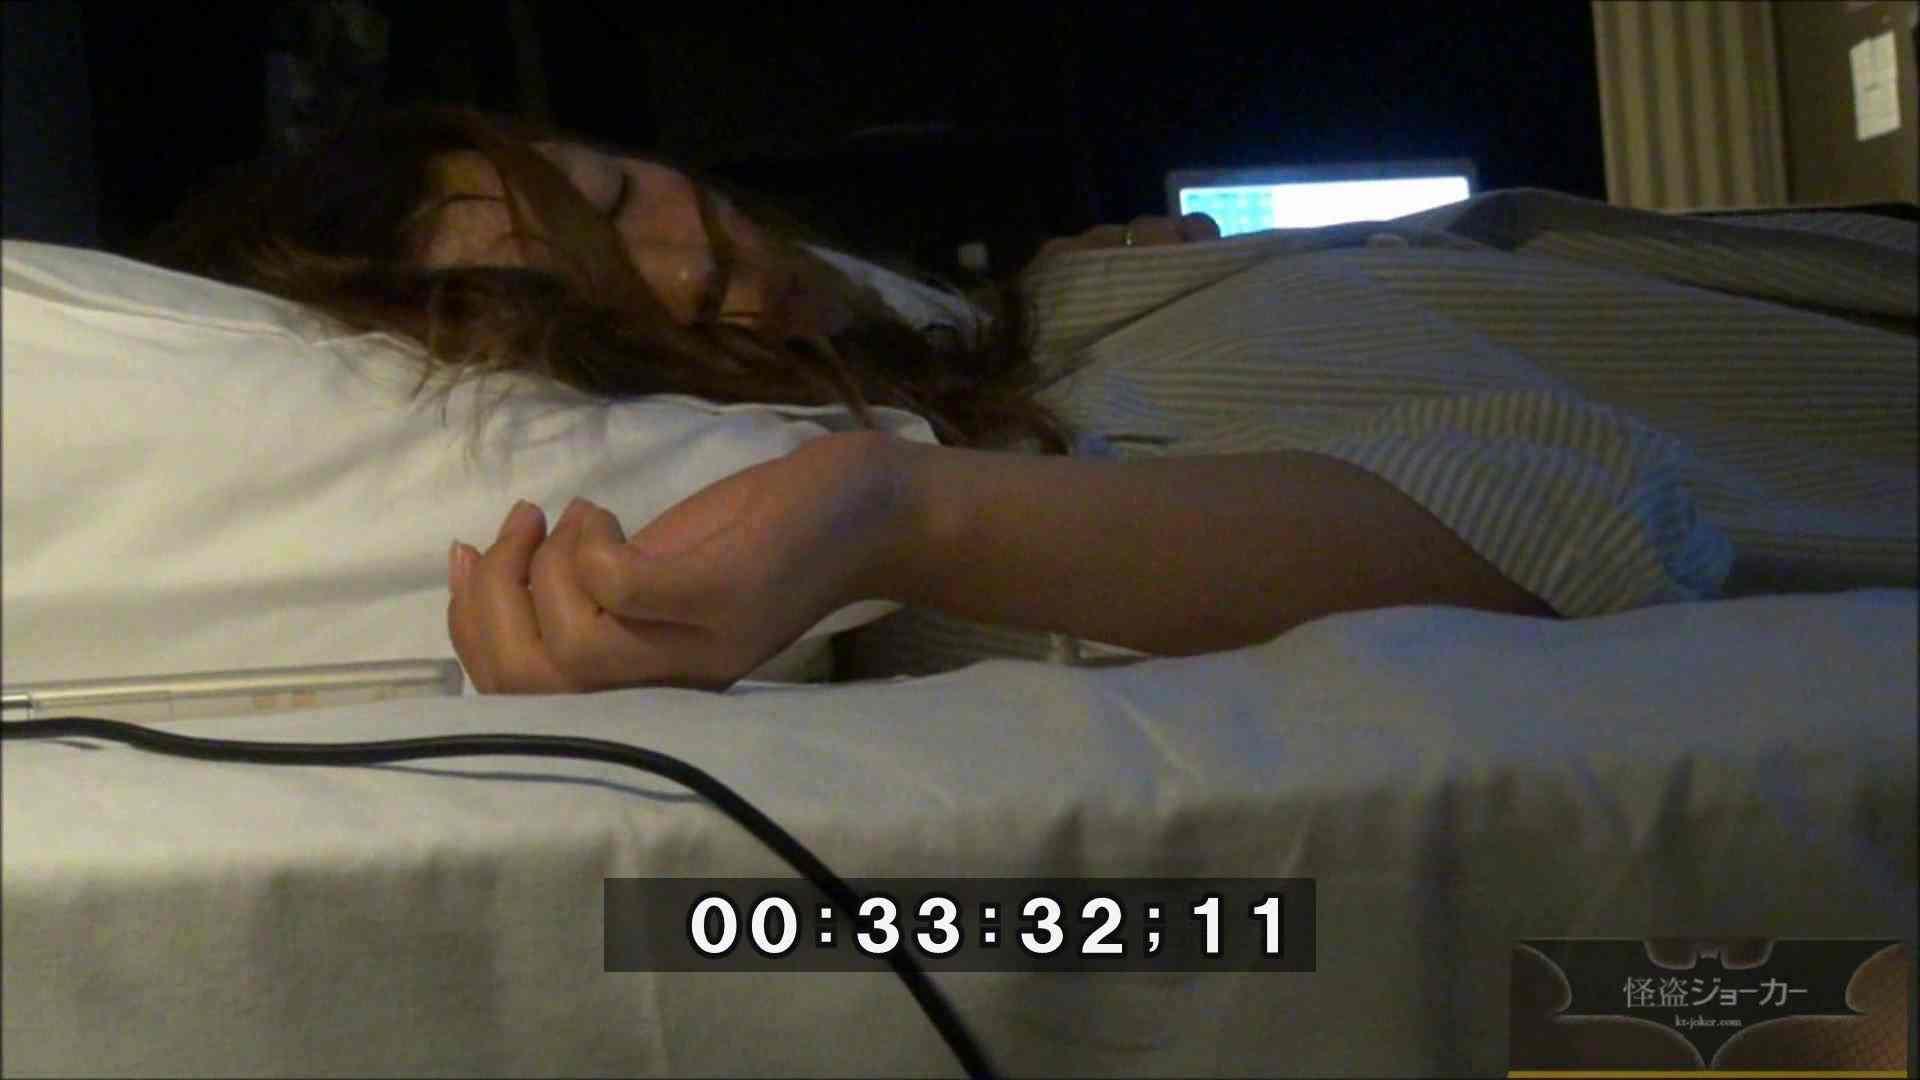 【未公開】vol.61 さよならHKちゃん飛んだ意識でエッチさせていただきました。 セックス おまんこ動画流出 106画像 18